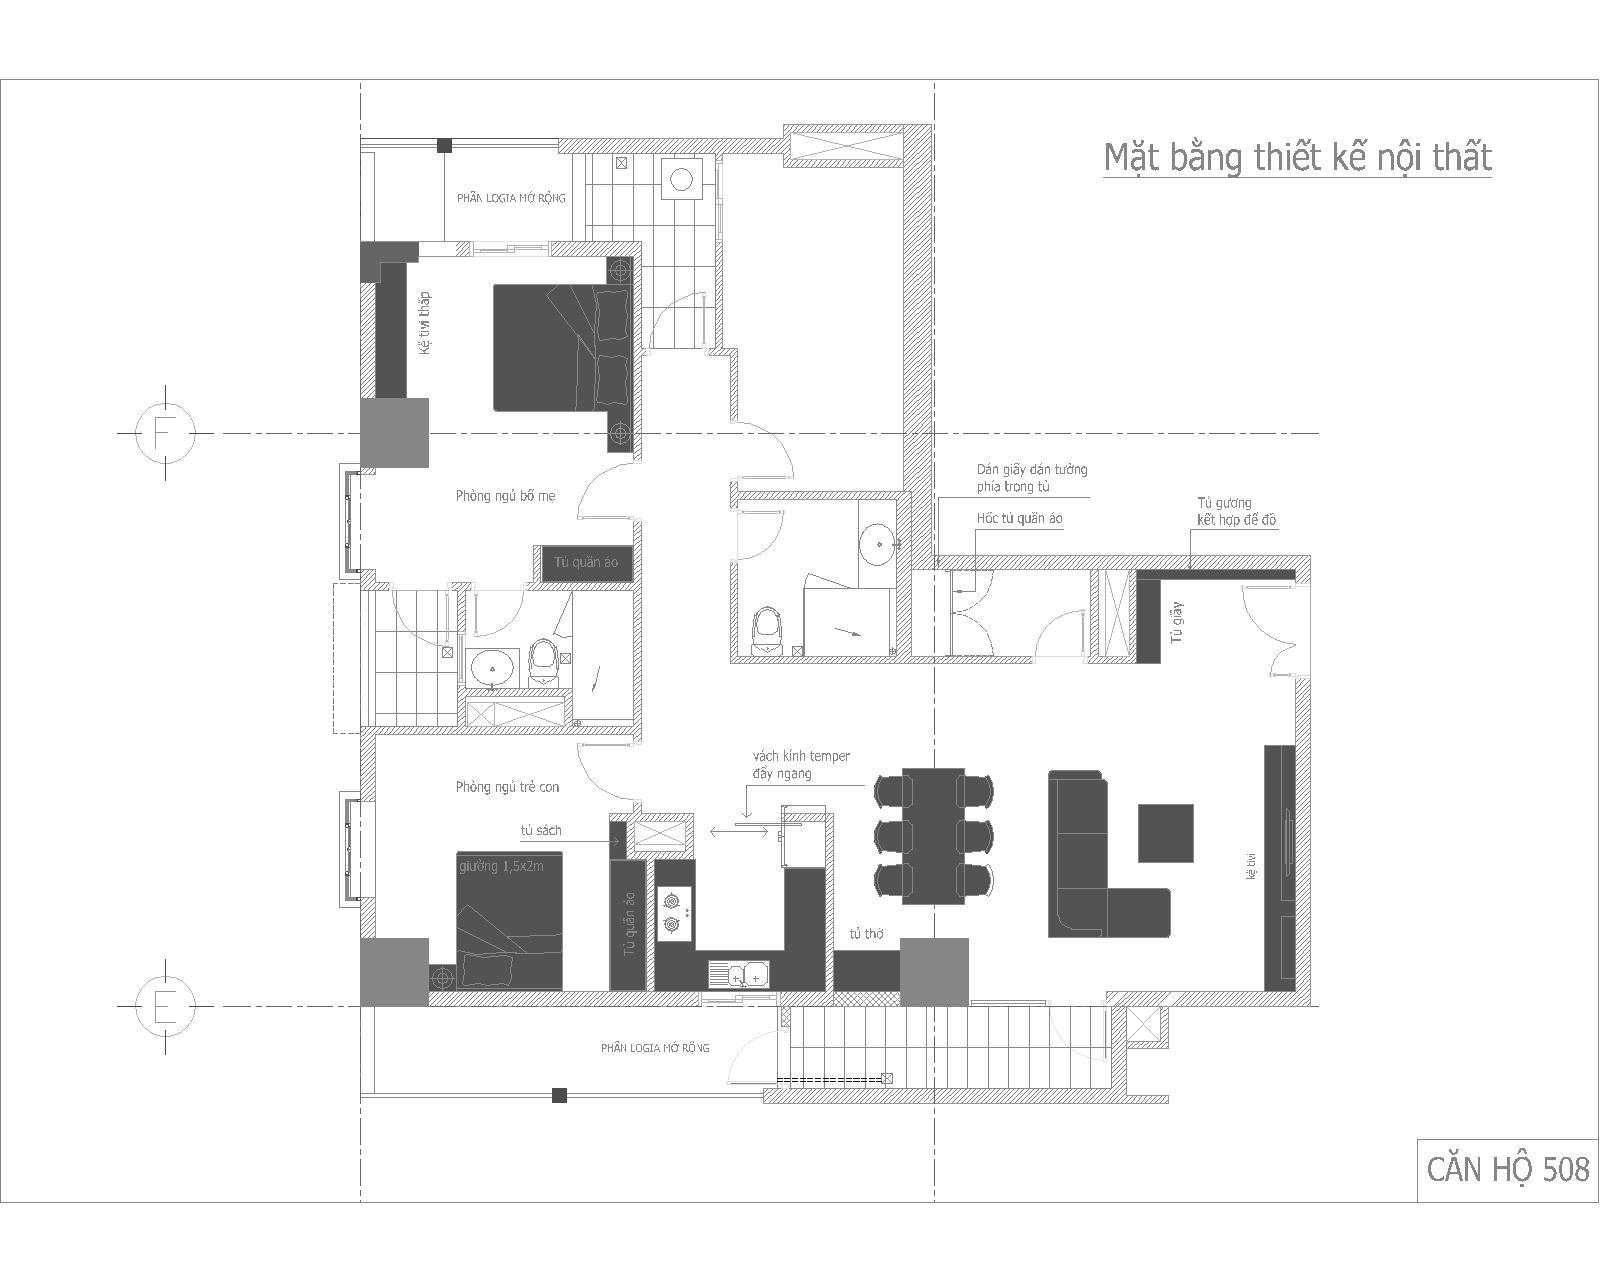 Nội thất căn hộ số 05 - chung cư GP Building - Mặt bằng cải tạo nội thất không thay đổi nhiều về kết cấu và  cấu trúc căn hộ mà xử lý, tận dụng các không gian bất lợi thành chức năng sử dụng hợp lý